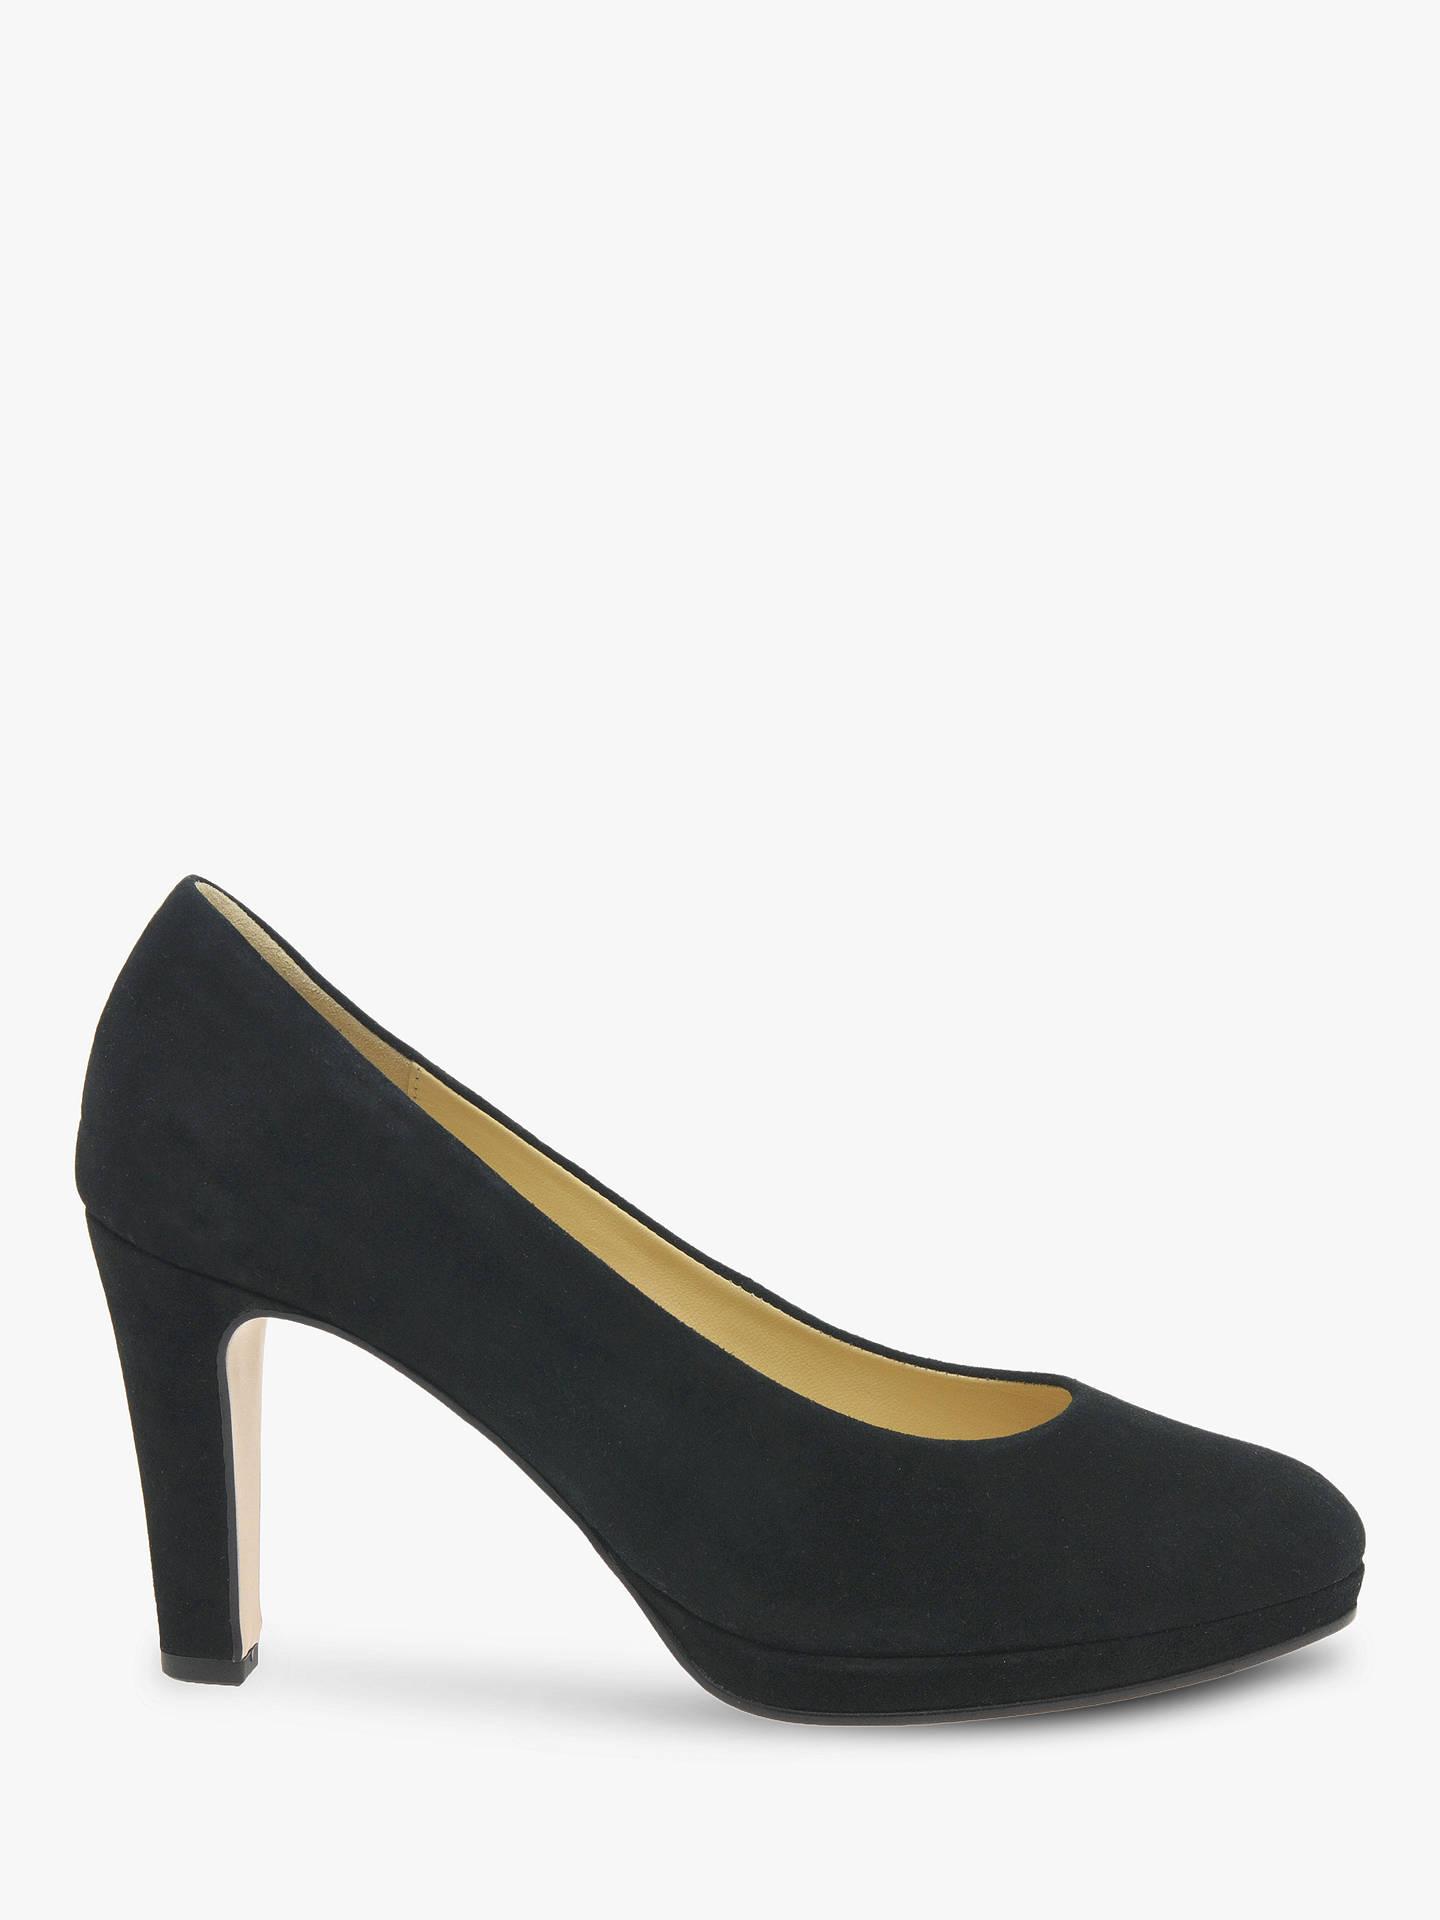 Gabor Splendid Block Heeled Court Shoes, Black | Block heel